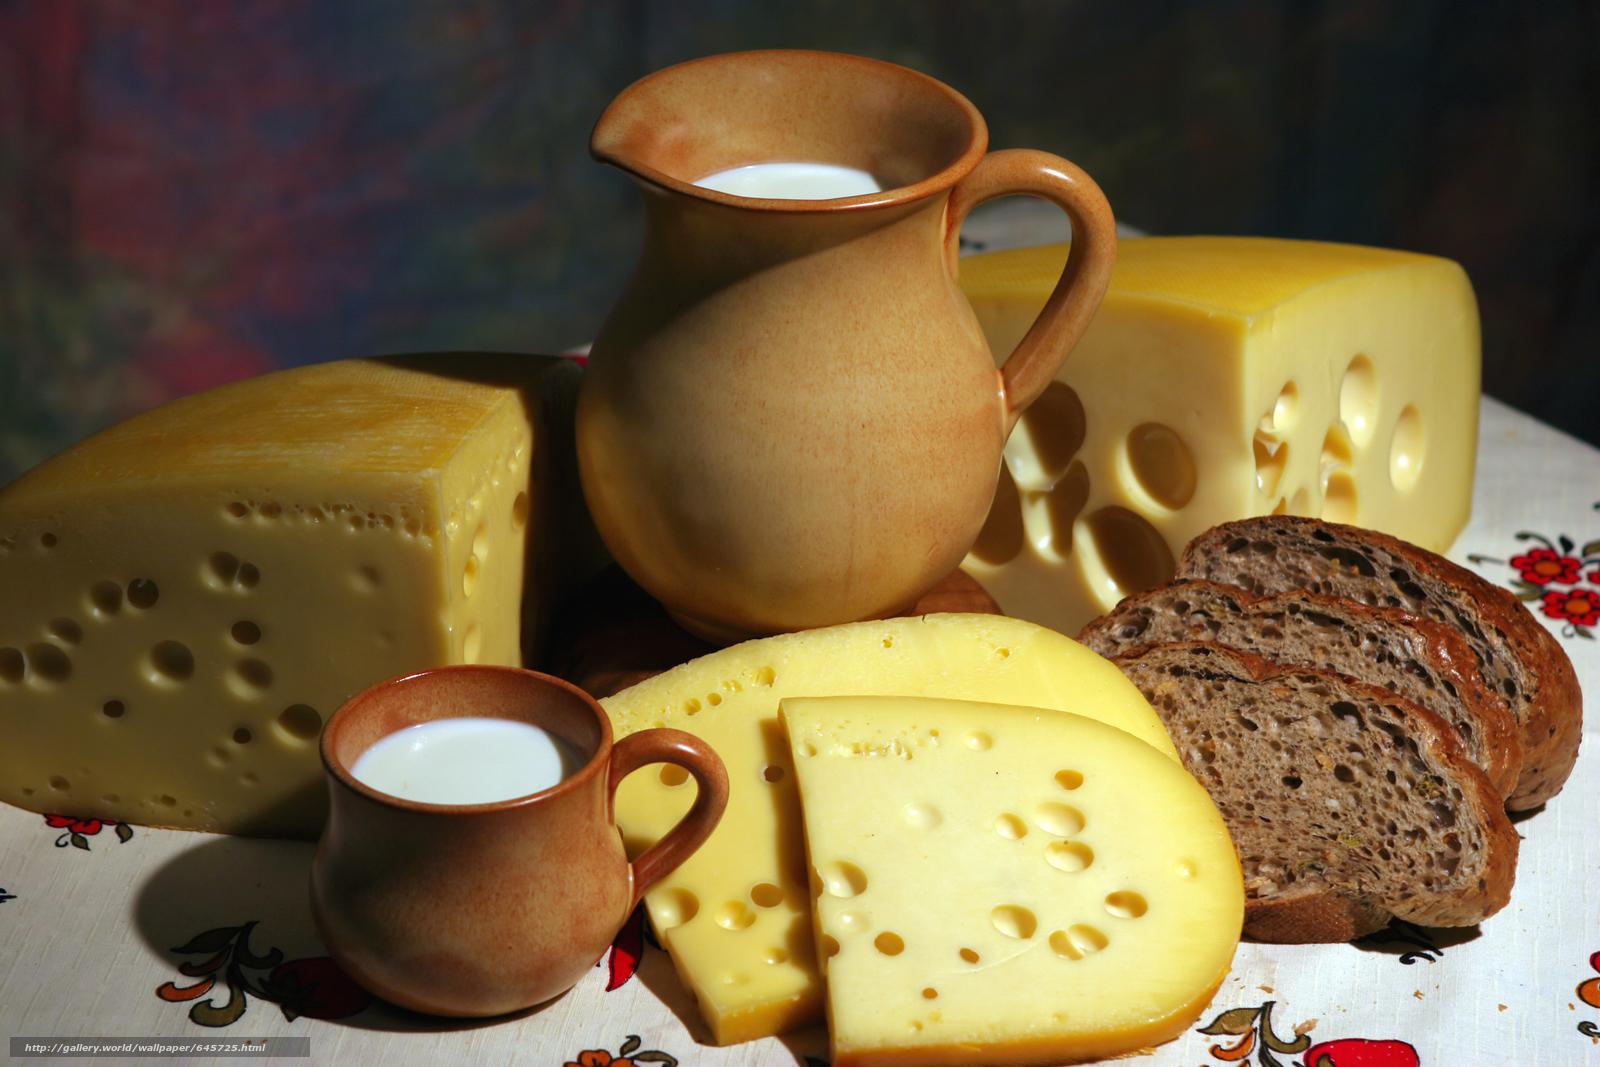 Скачать обои сыр,  еда,  пища,  провиант бесплатно для рабочего стола в разрешении 7086x4724 — картинка №645725